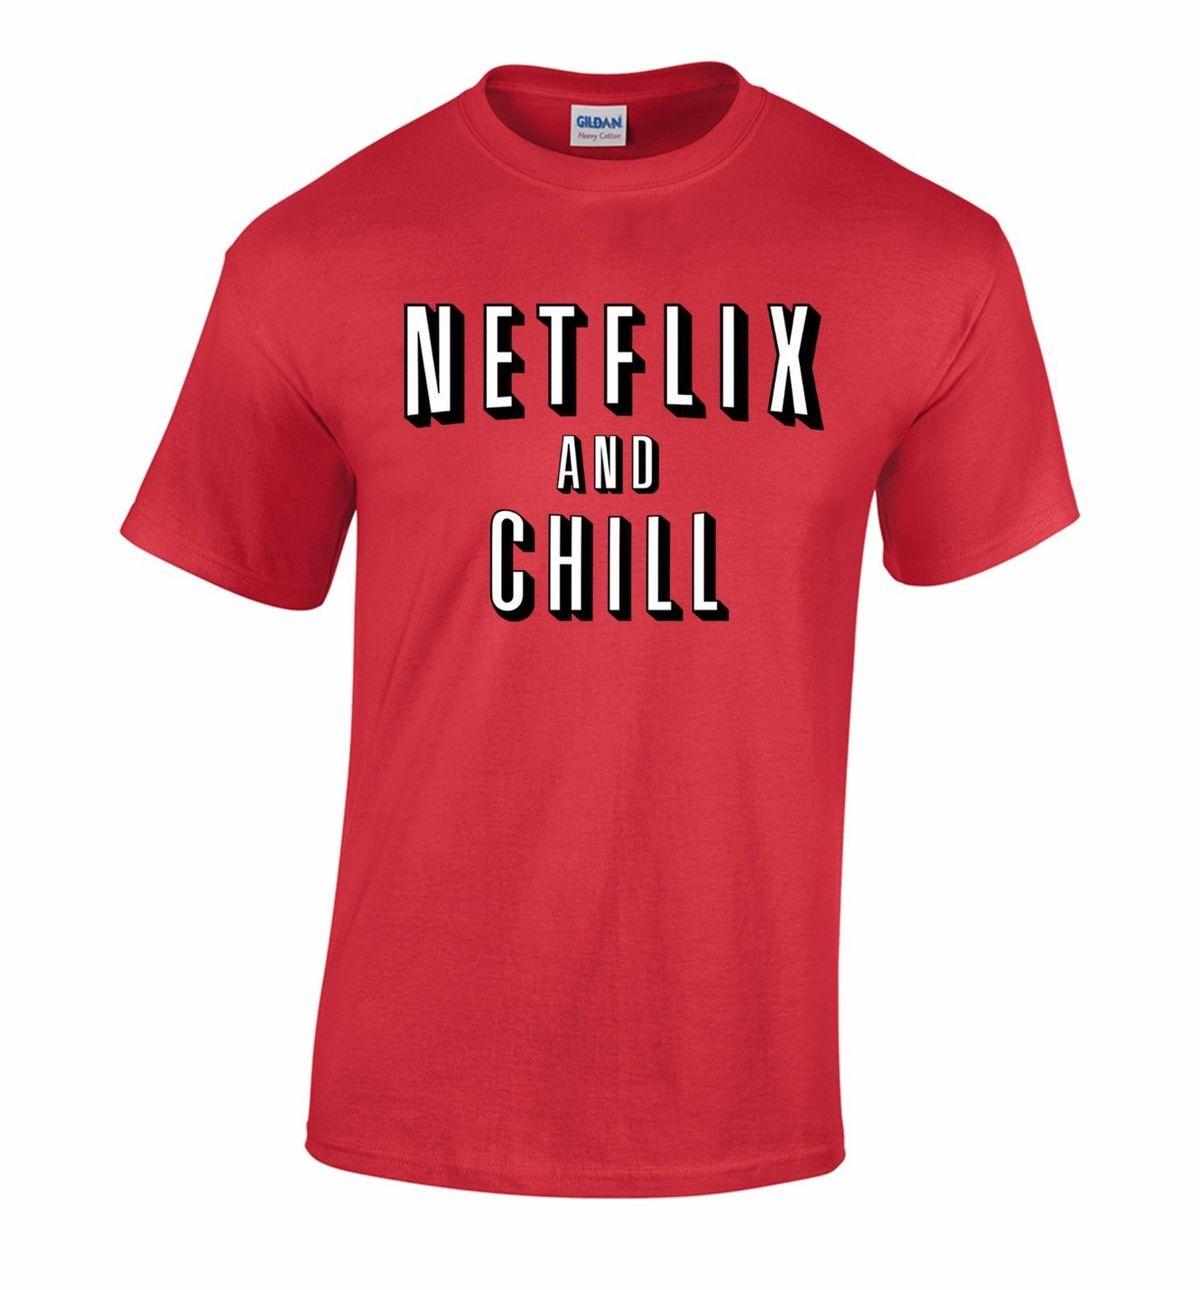 2017 Vente Chaude Nouveau Hommes T Shirt Netflix Et Chill Film T-shirt Drôle T-Shirt Halloween Costume T-shirt Nouveau